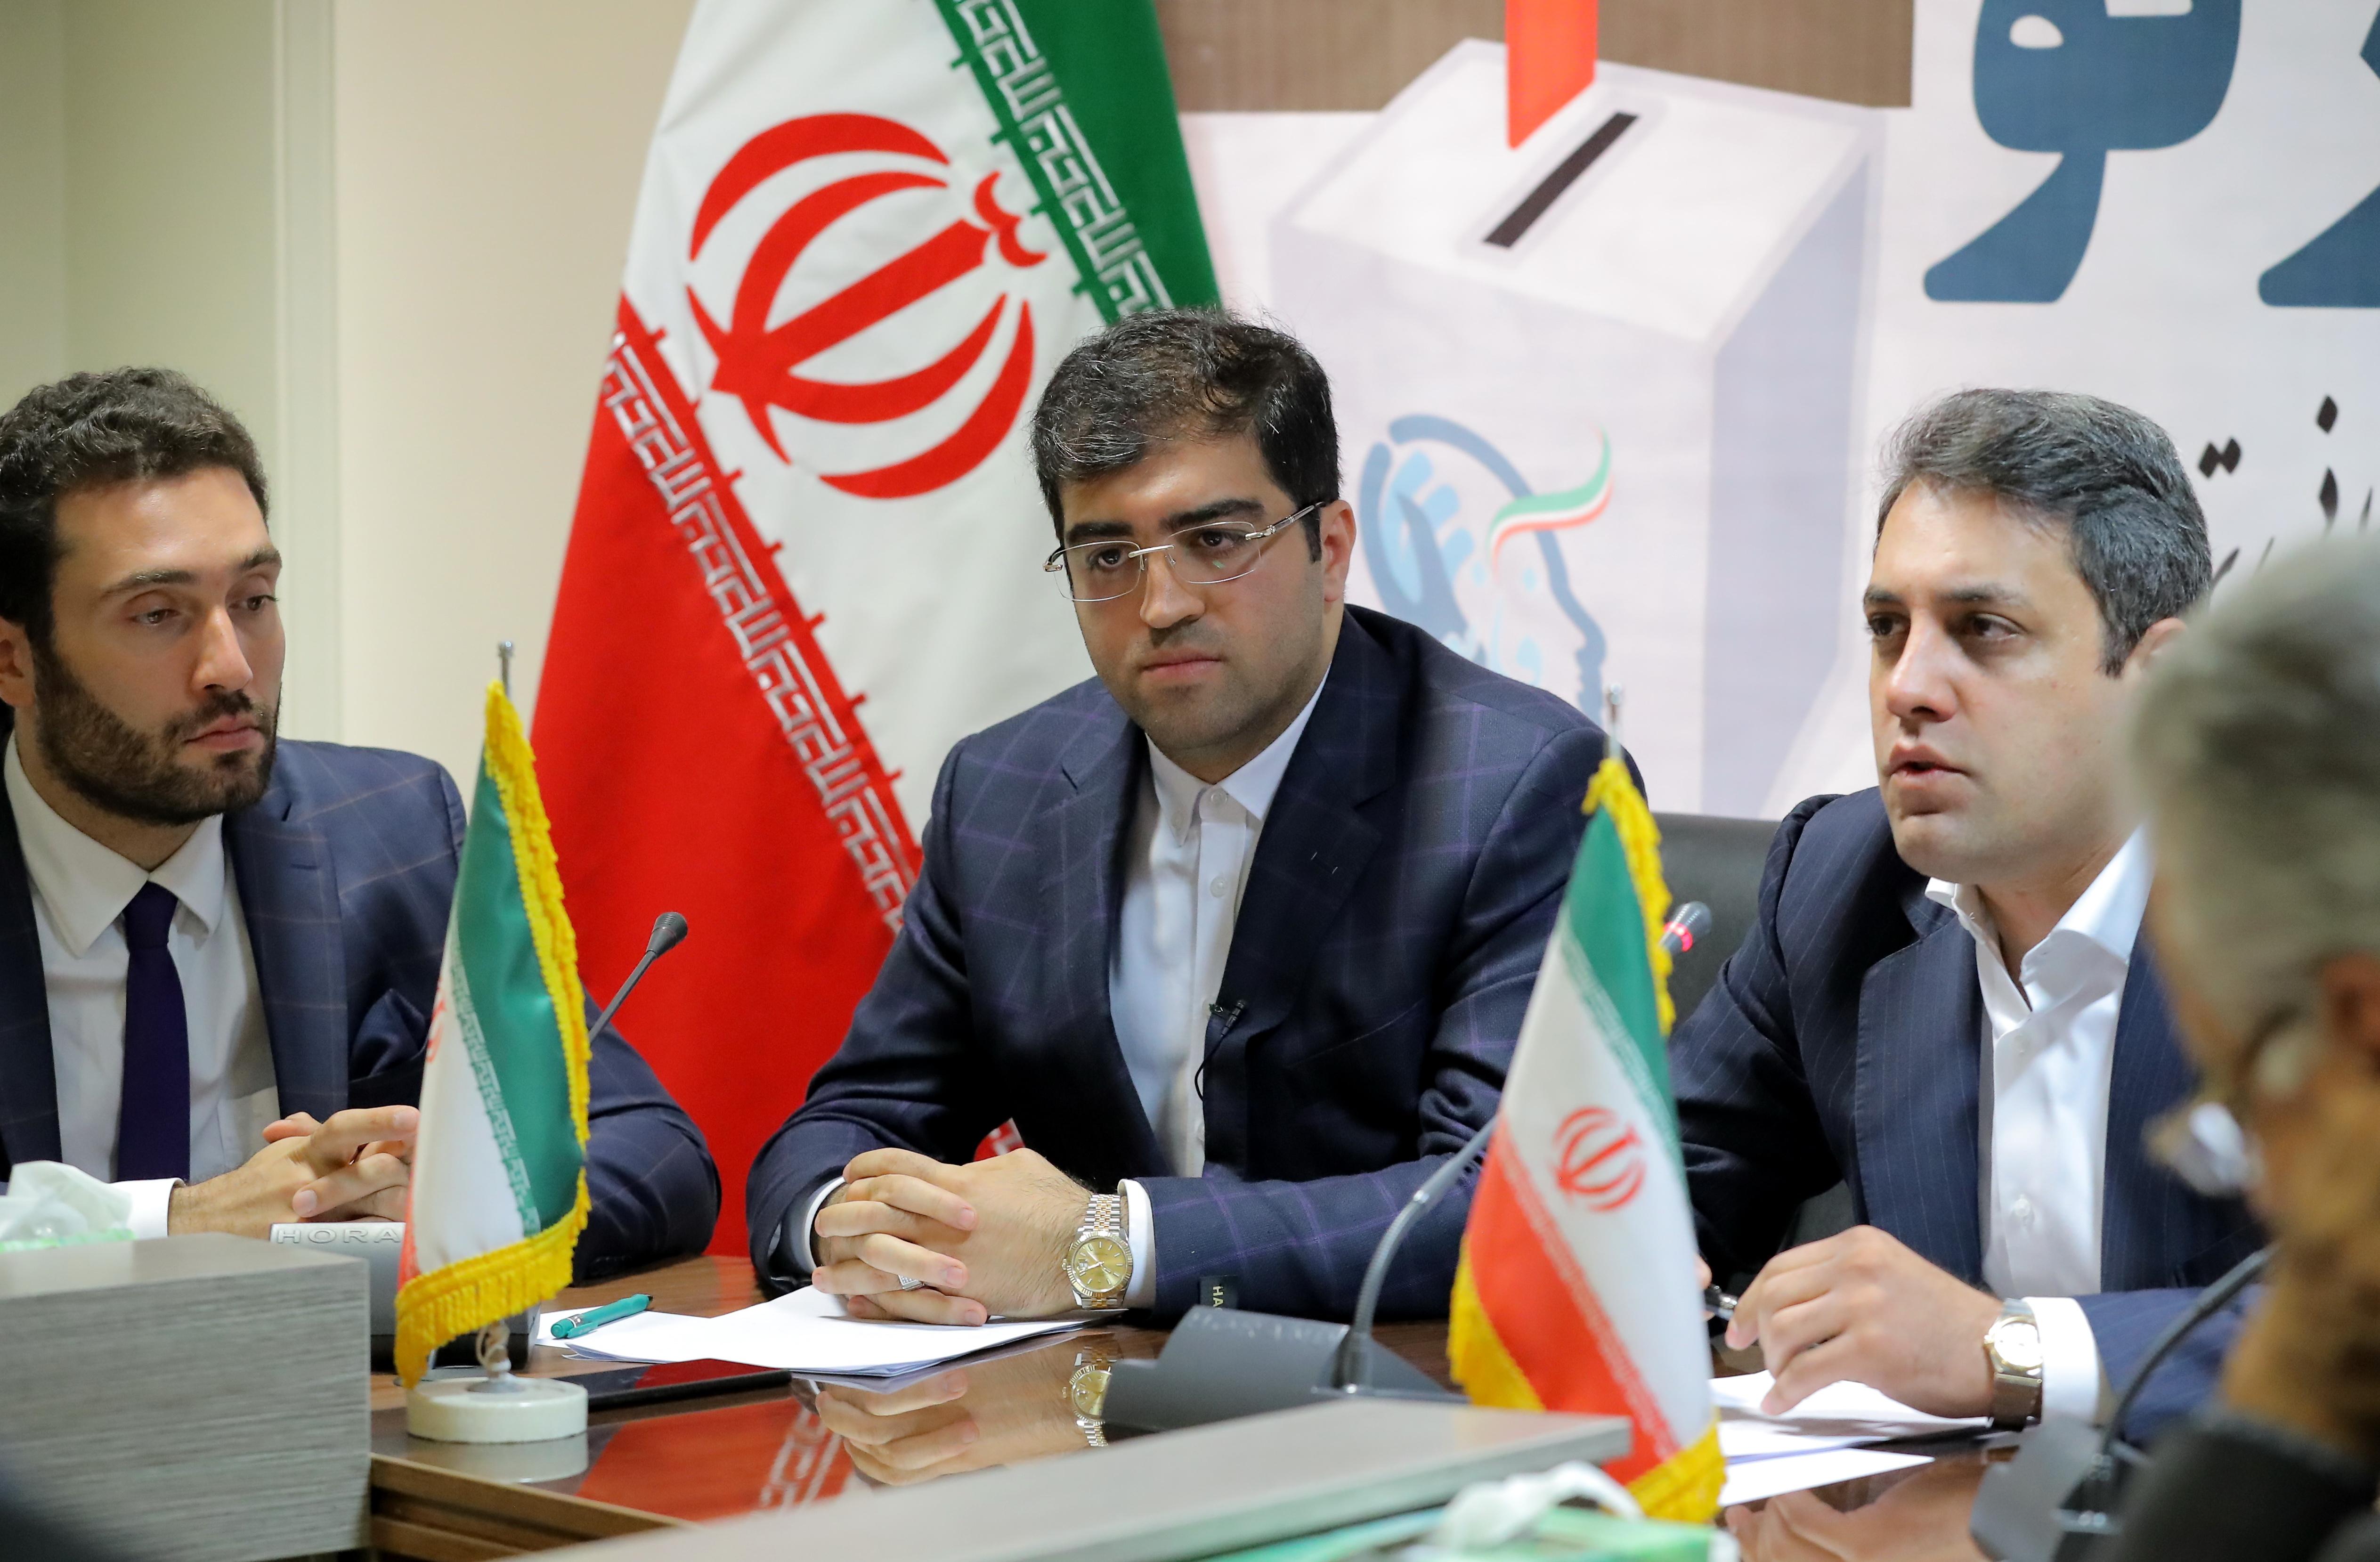 لزوم  تشکیل انجمن فکر نو در سال حمایت از تولید و کالای ایرانی